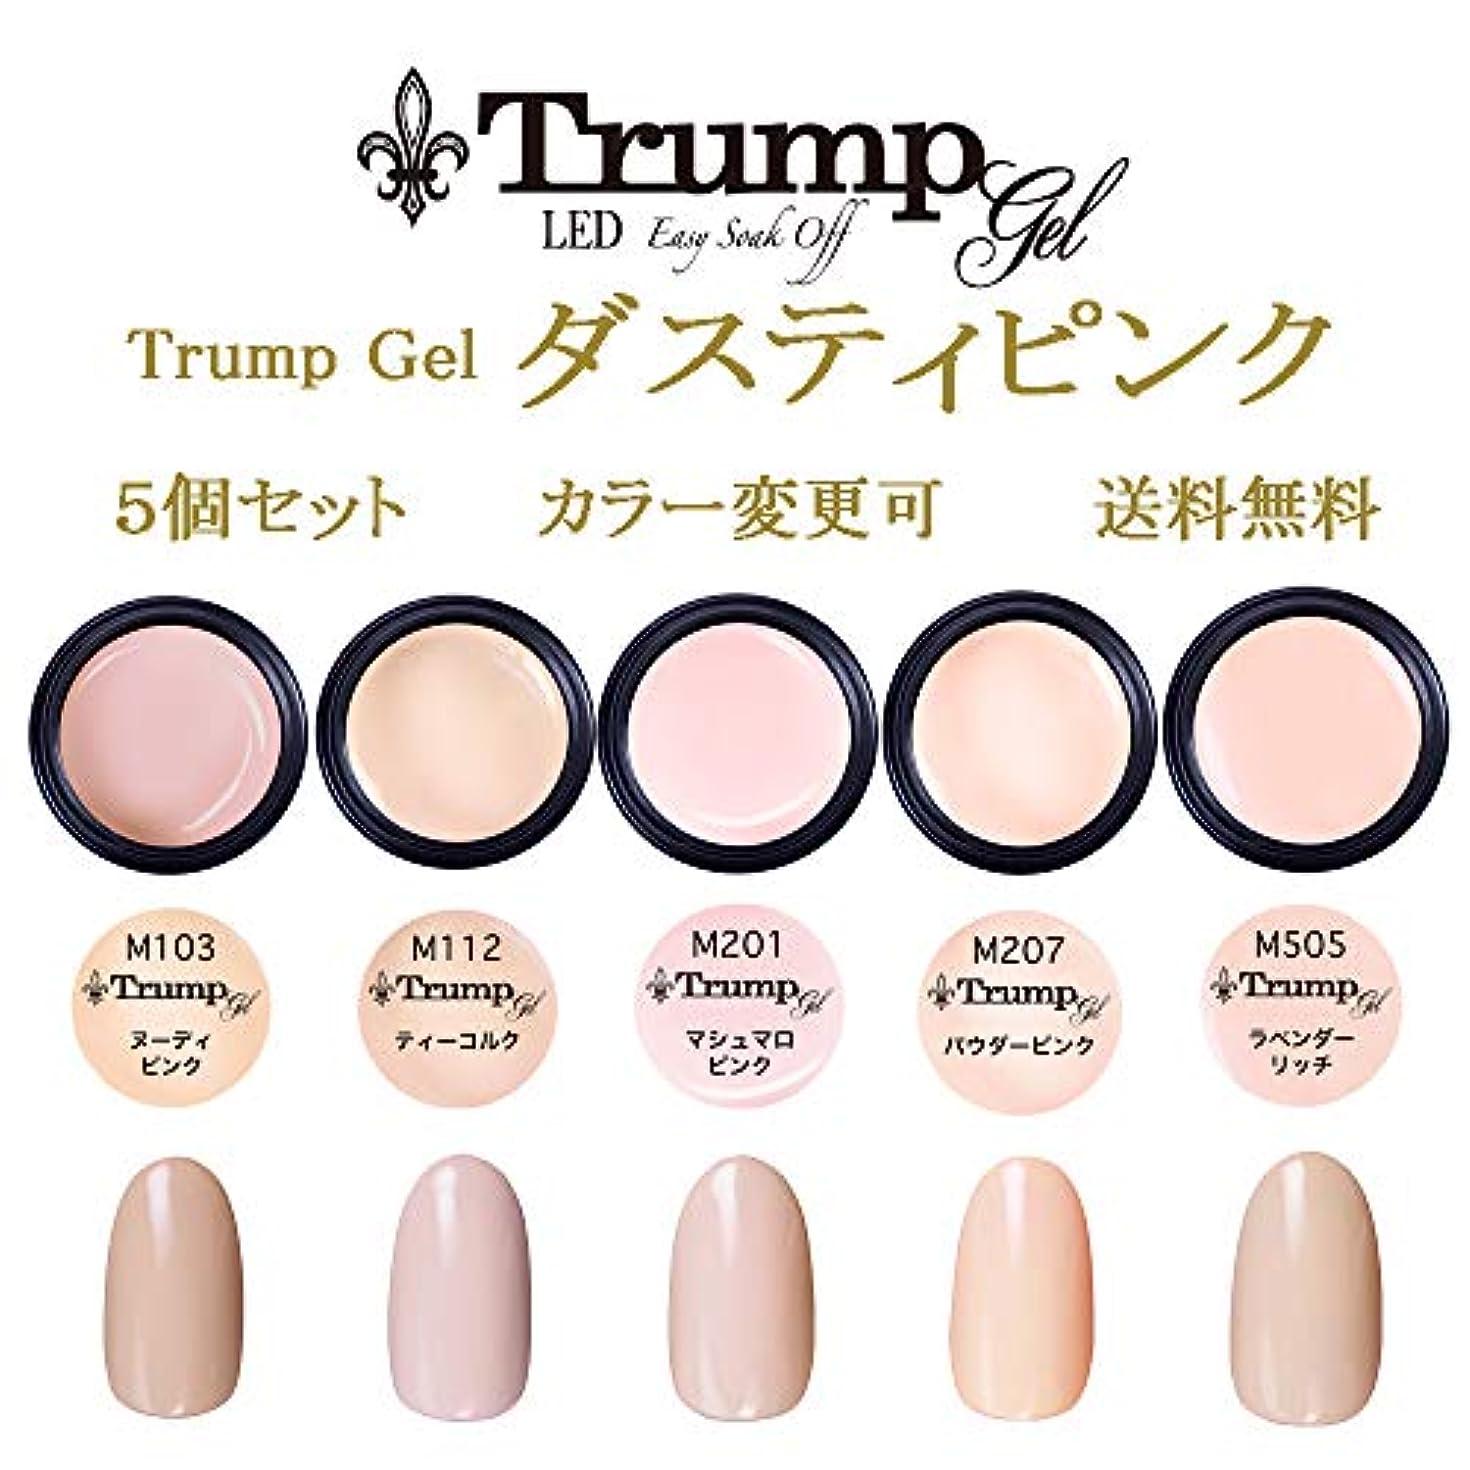 【送料無料】Trumpダスティピンクカラー選べる カラージェル5個セット